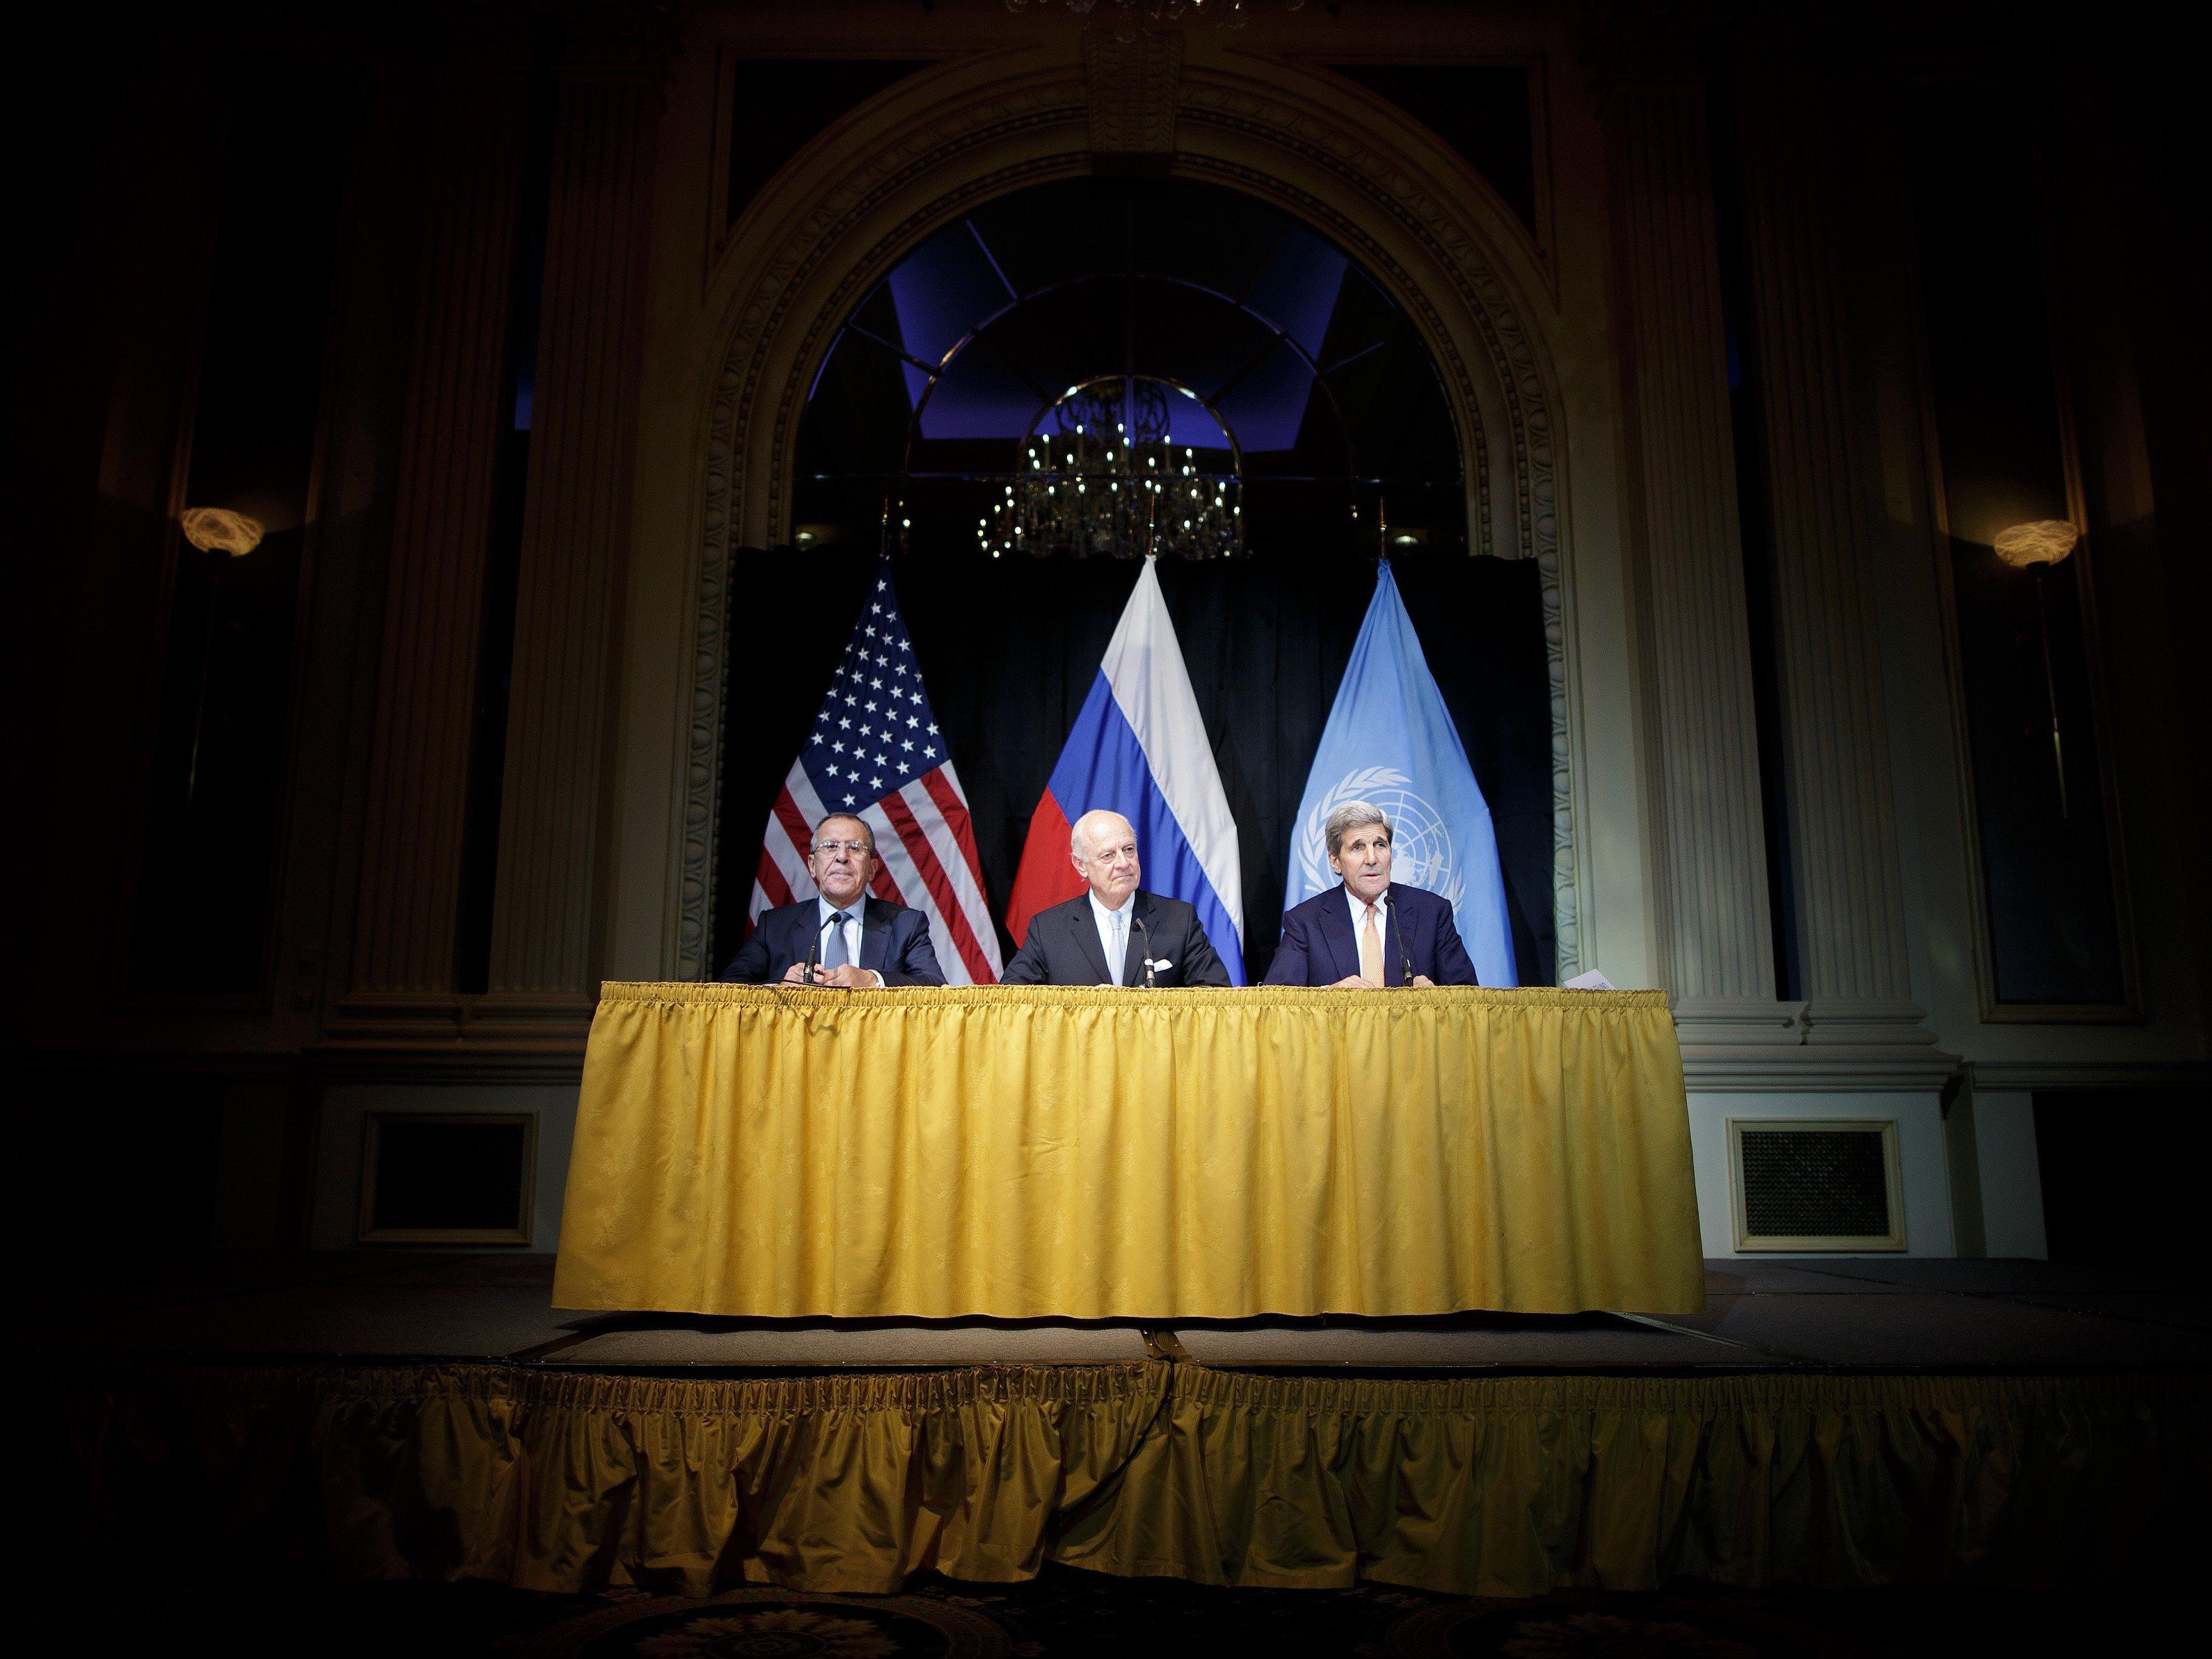 Es gab neun Einigungspunkte in der gestrigen Konferenz.